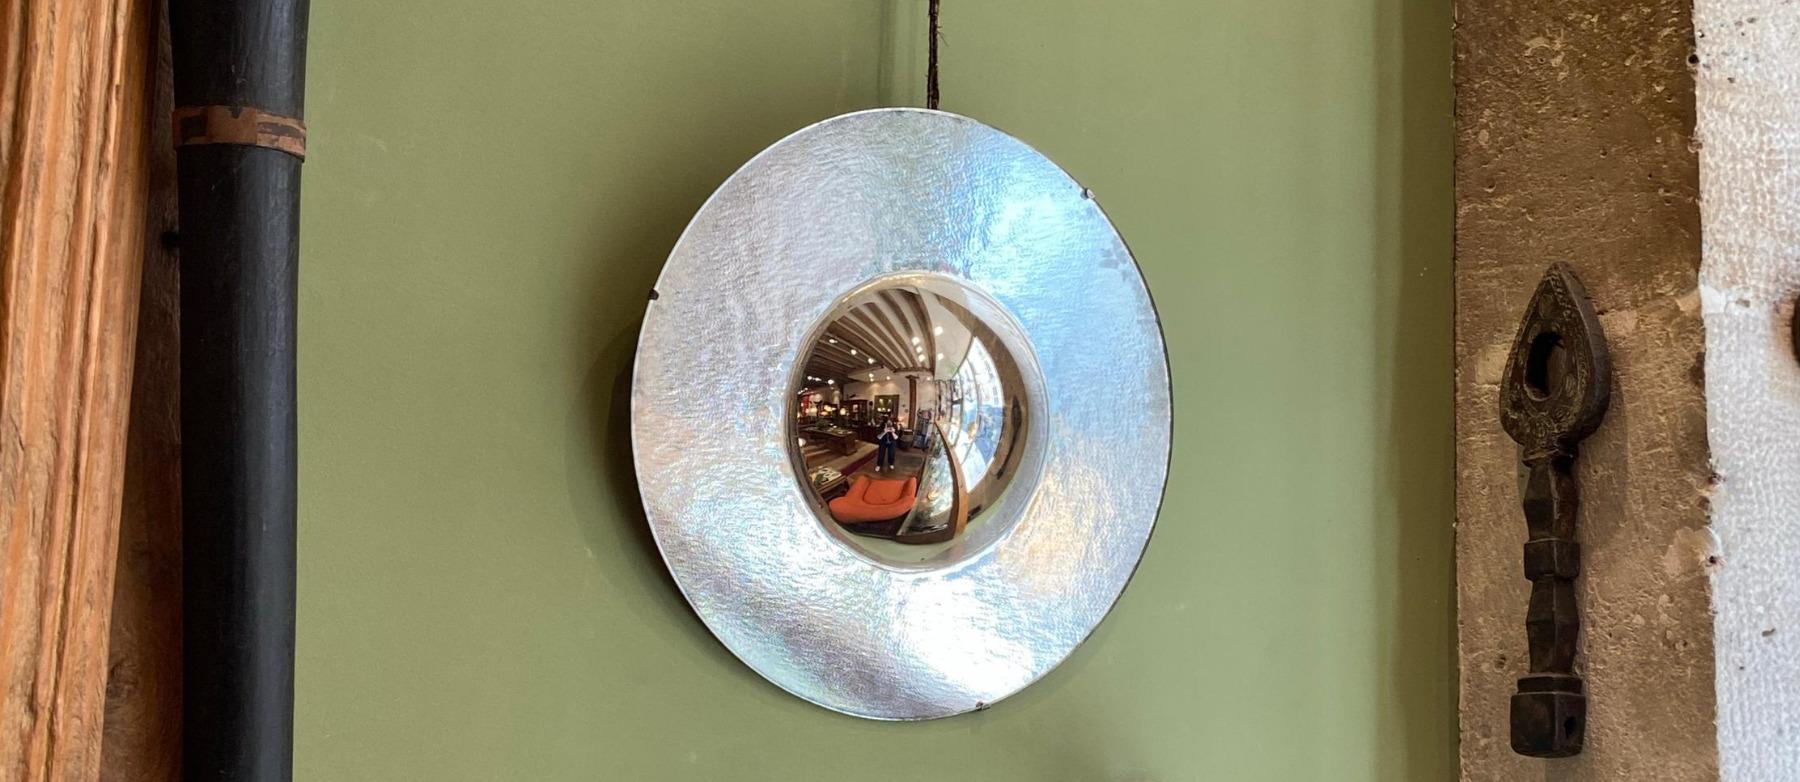 miroir thermoformé de monika mojduszka à la galerie kara